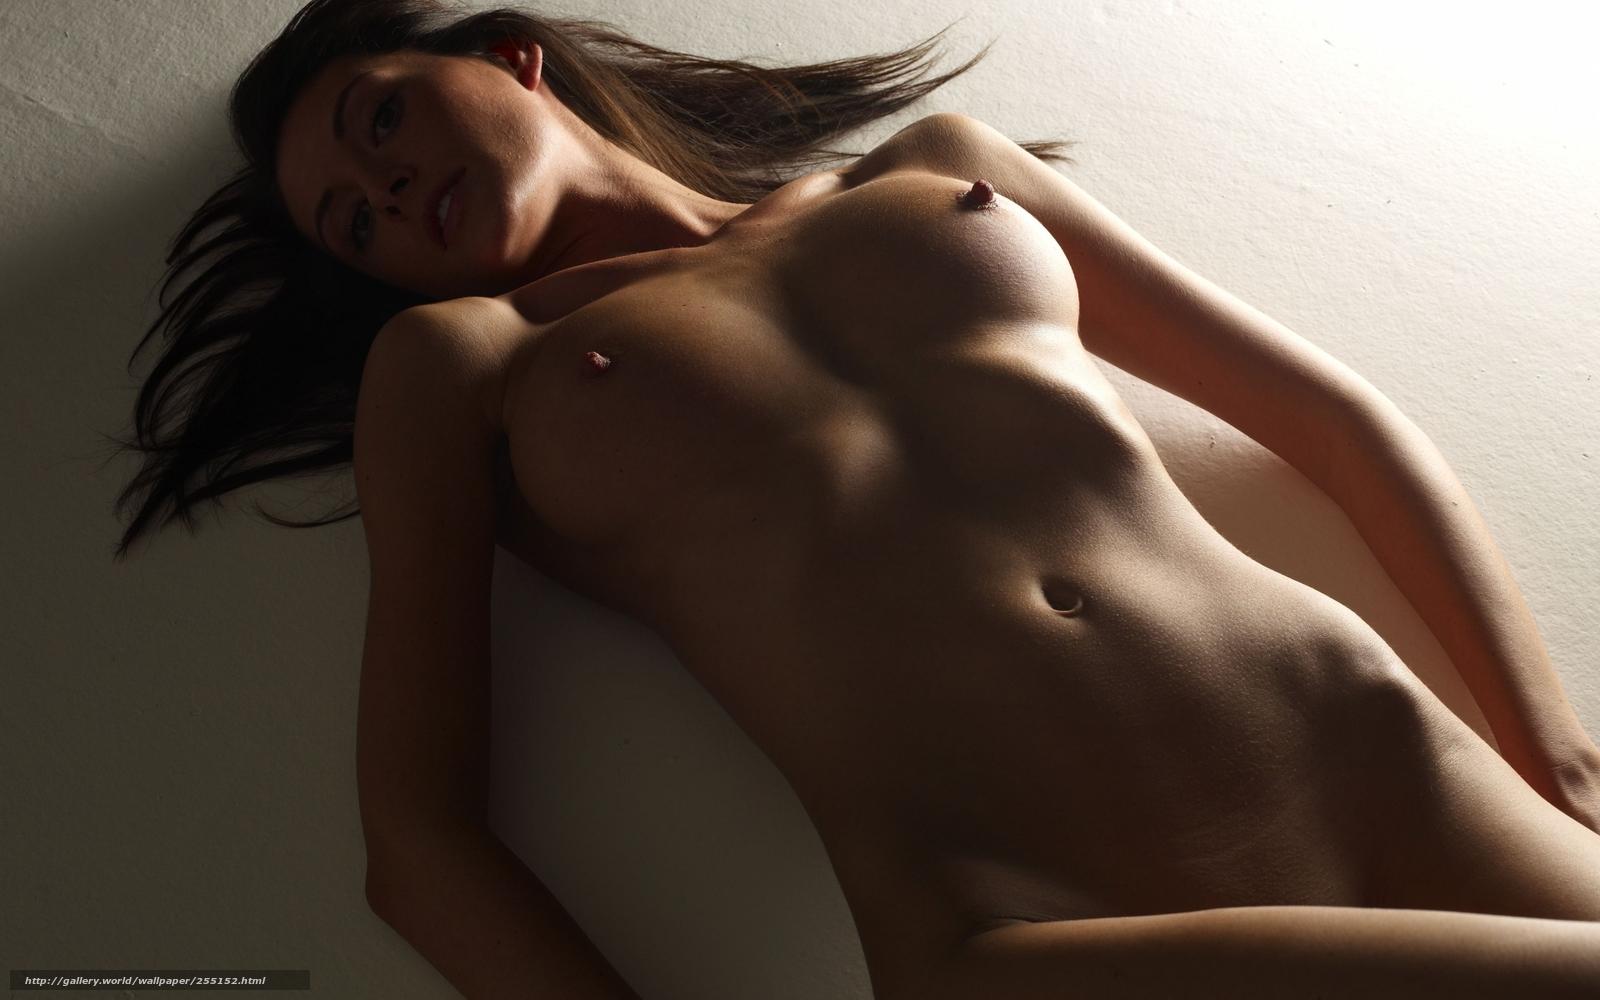 Самые красивые женские тела в позах 13 фотография